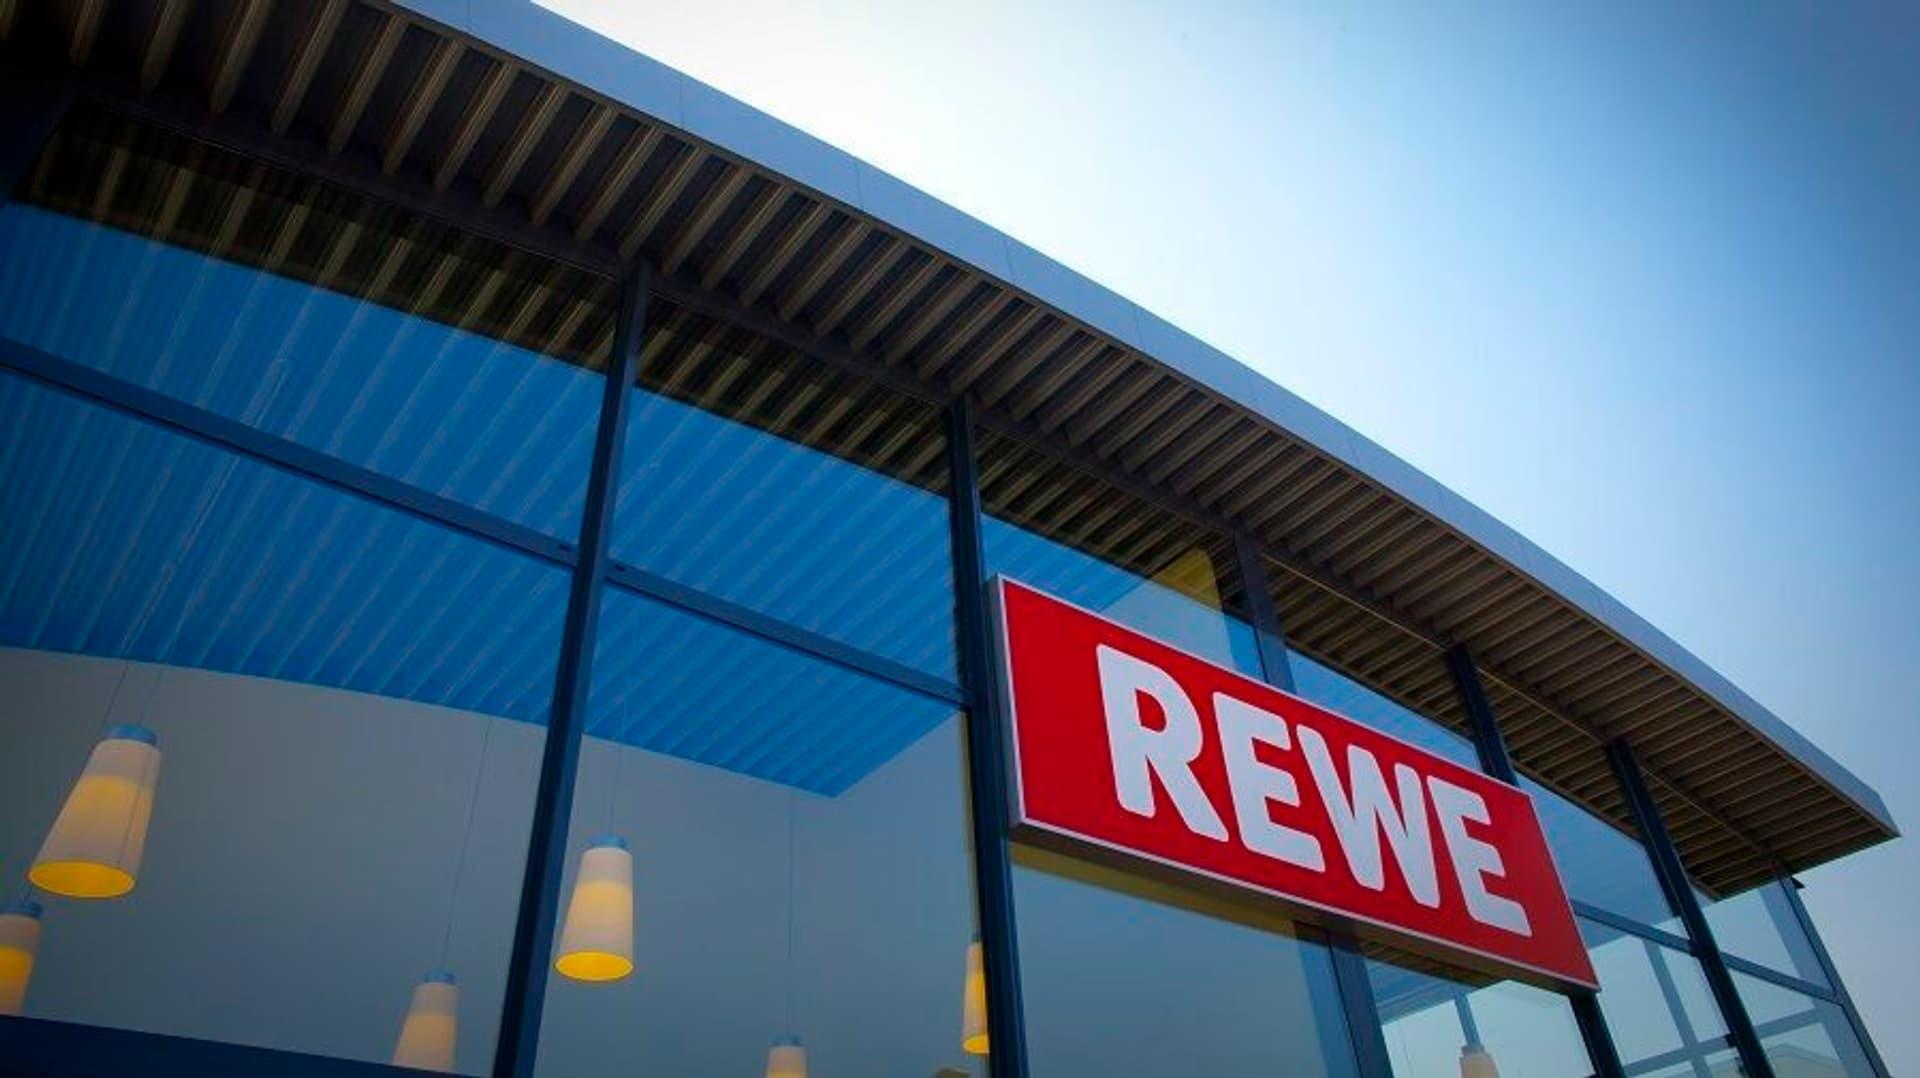 REWE Markt c Rewe